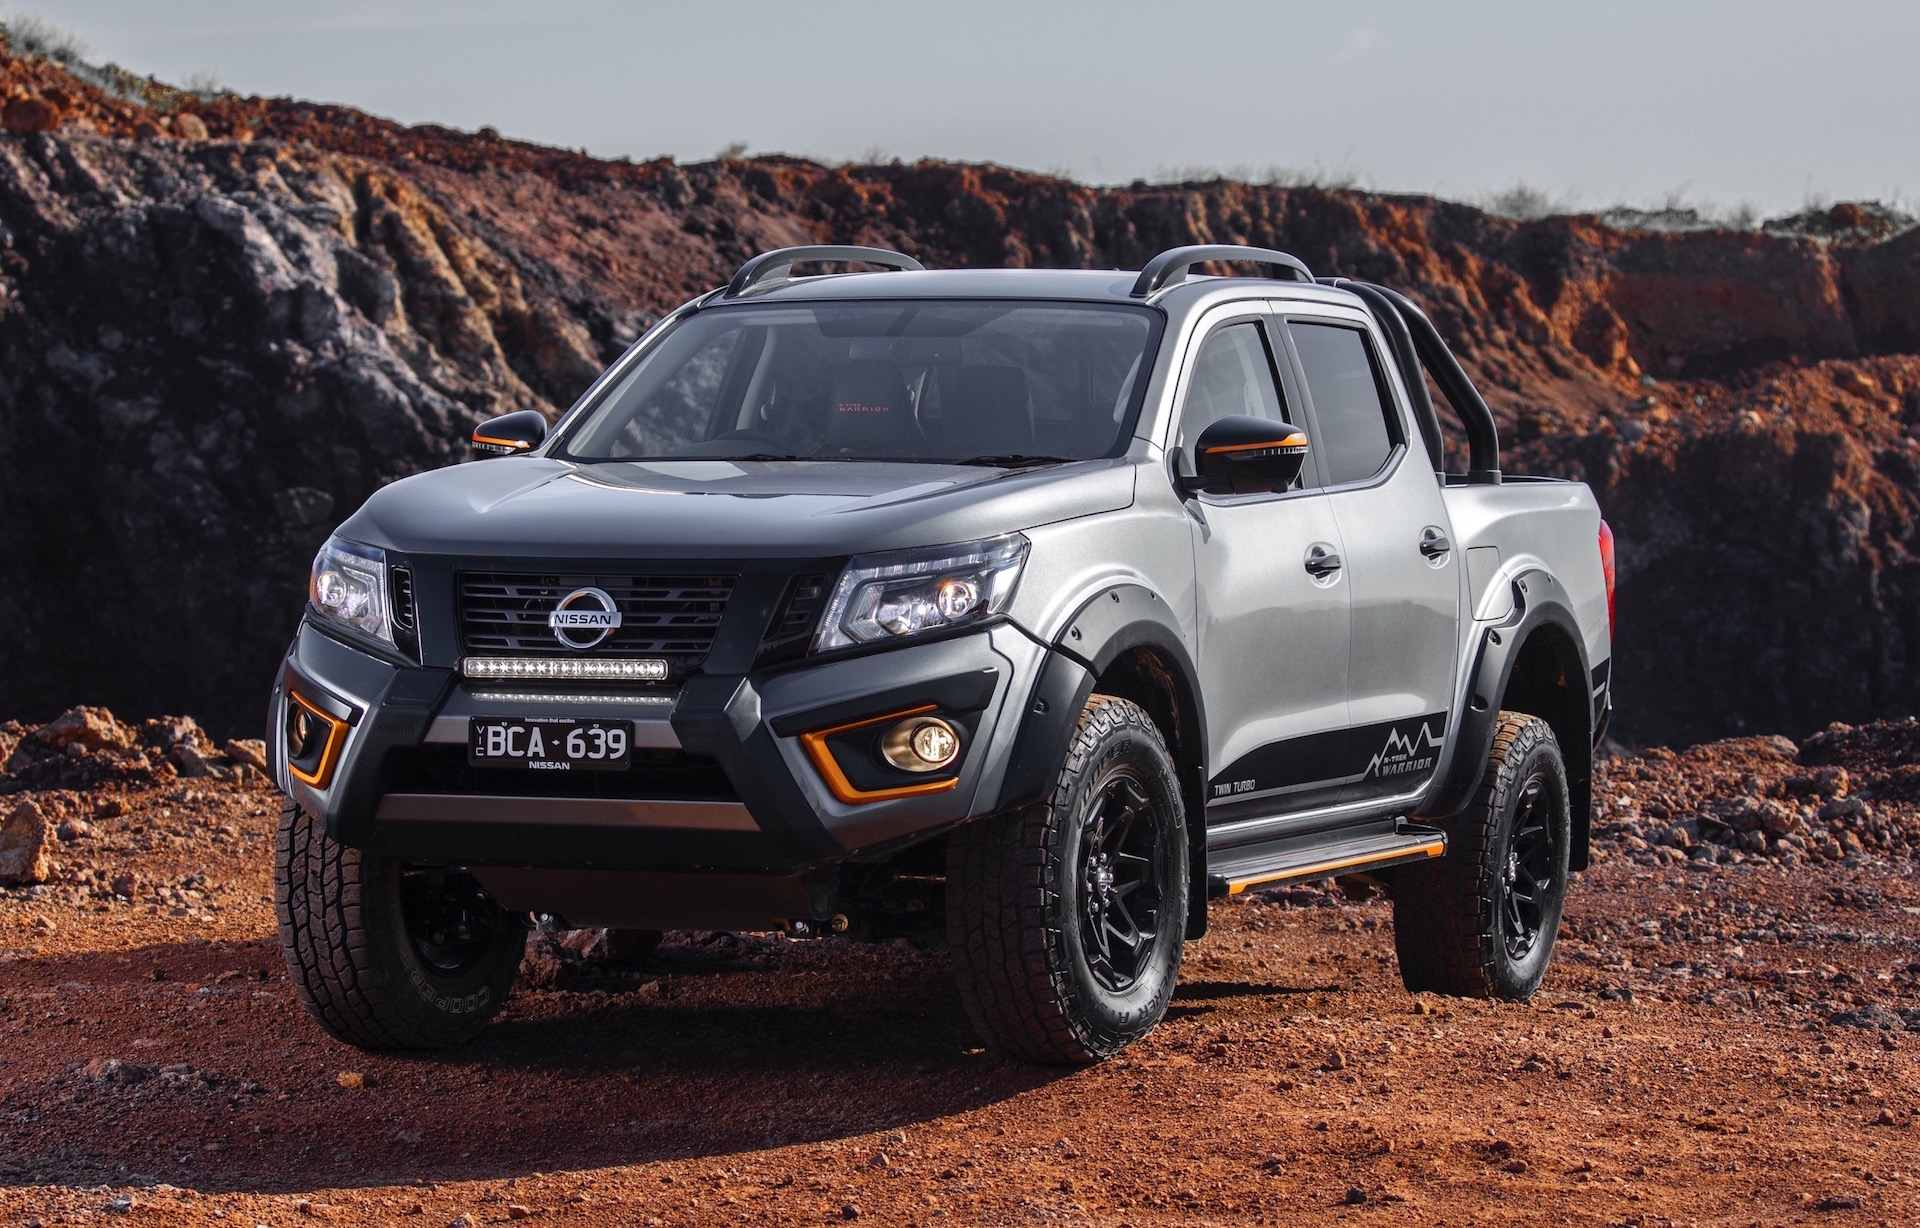 Nissan Navara Erfahrungen : 2020 nissan navara n trek warrior now on sale in australia ~ A.2002-acura-tl-radio.info Haus und Dekorationen